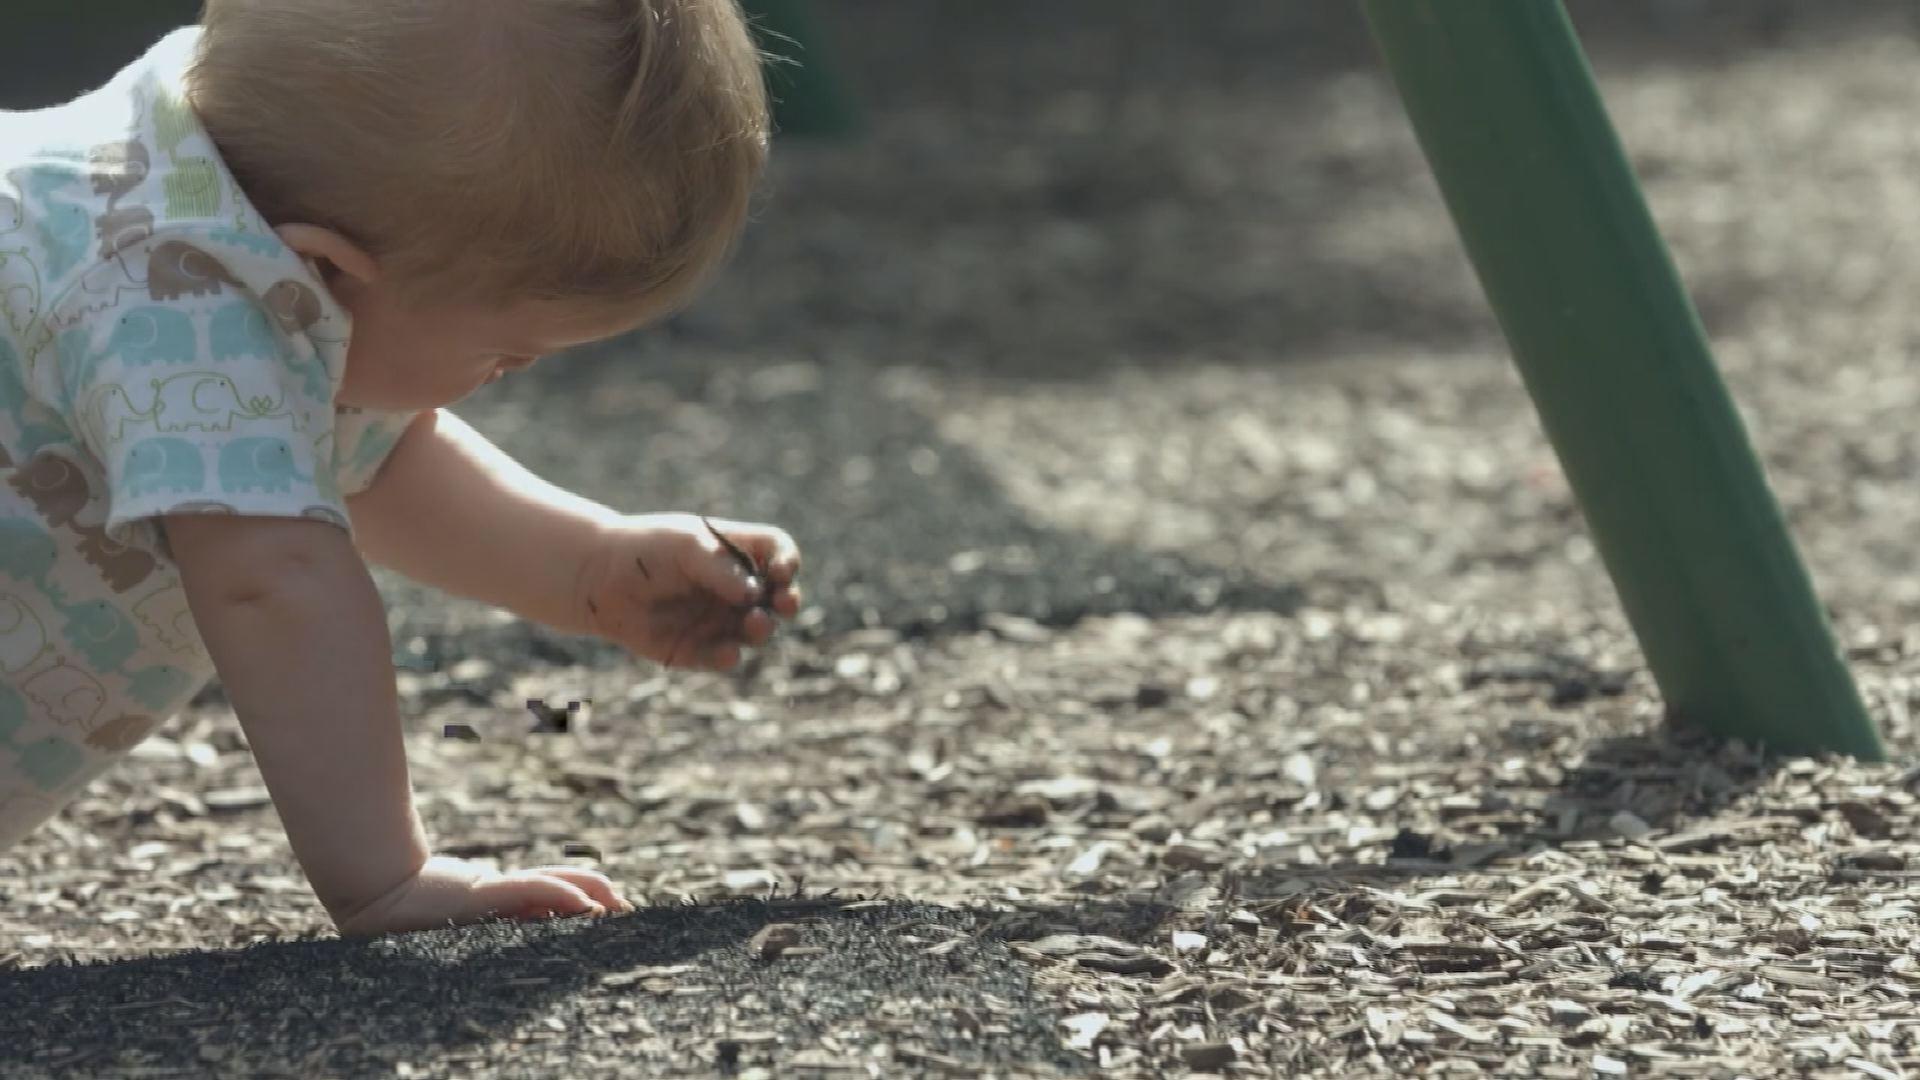 Documentário sobre as influências na formação de adultos saudáveis é destaque nesta edição, que também mostra um estudo para incentivar a mobilidade a pé nas cidades, e o plantio e consumo de hortas caseiras. O programa da TV Cultura vai ao ar neste domingo (24/7), às 17h30